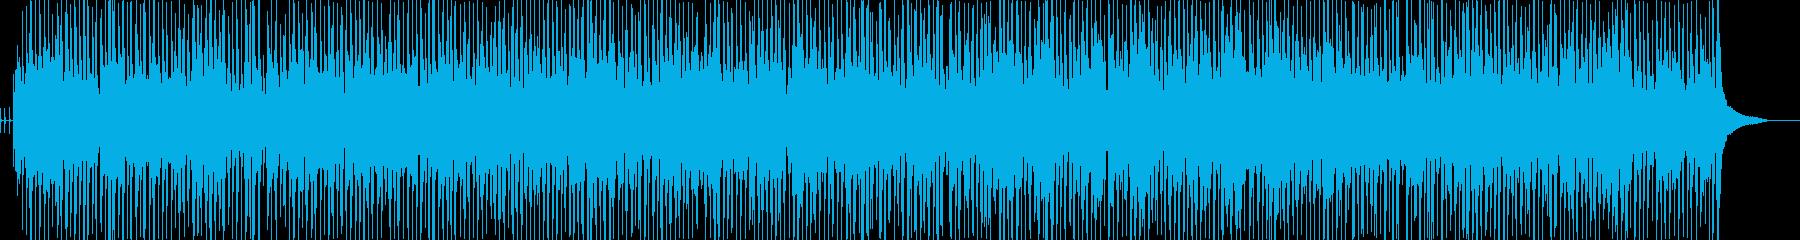 レッスン講座向け音楽01の再生済みの波形